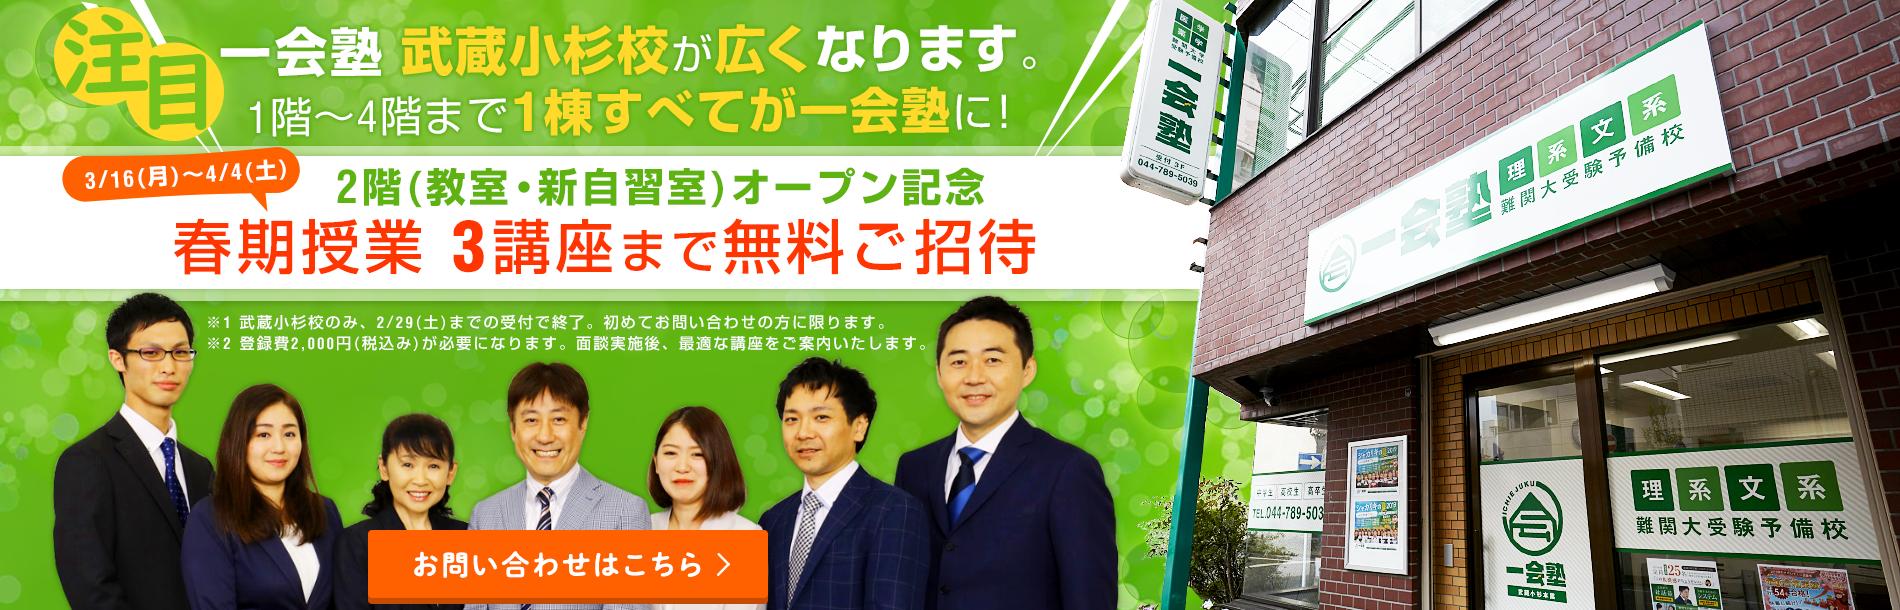 武蔵小杉校が広くなりました!